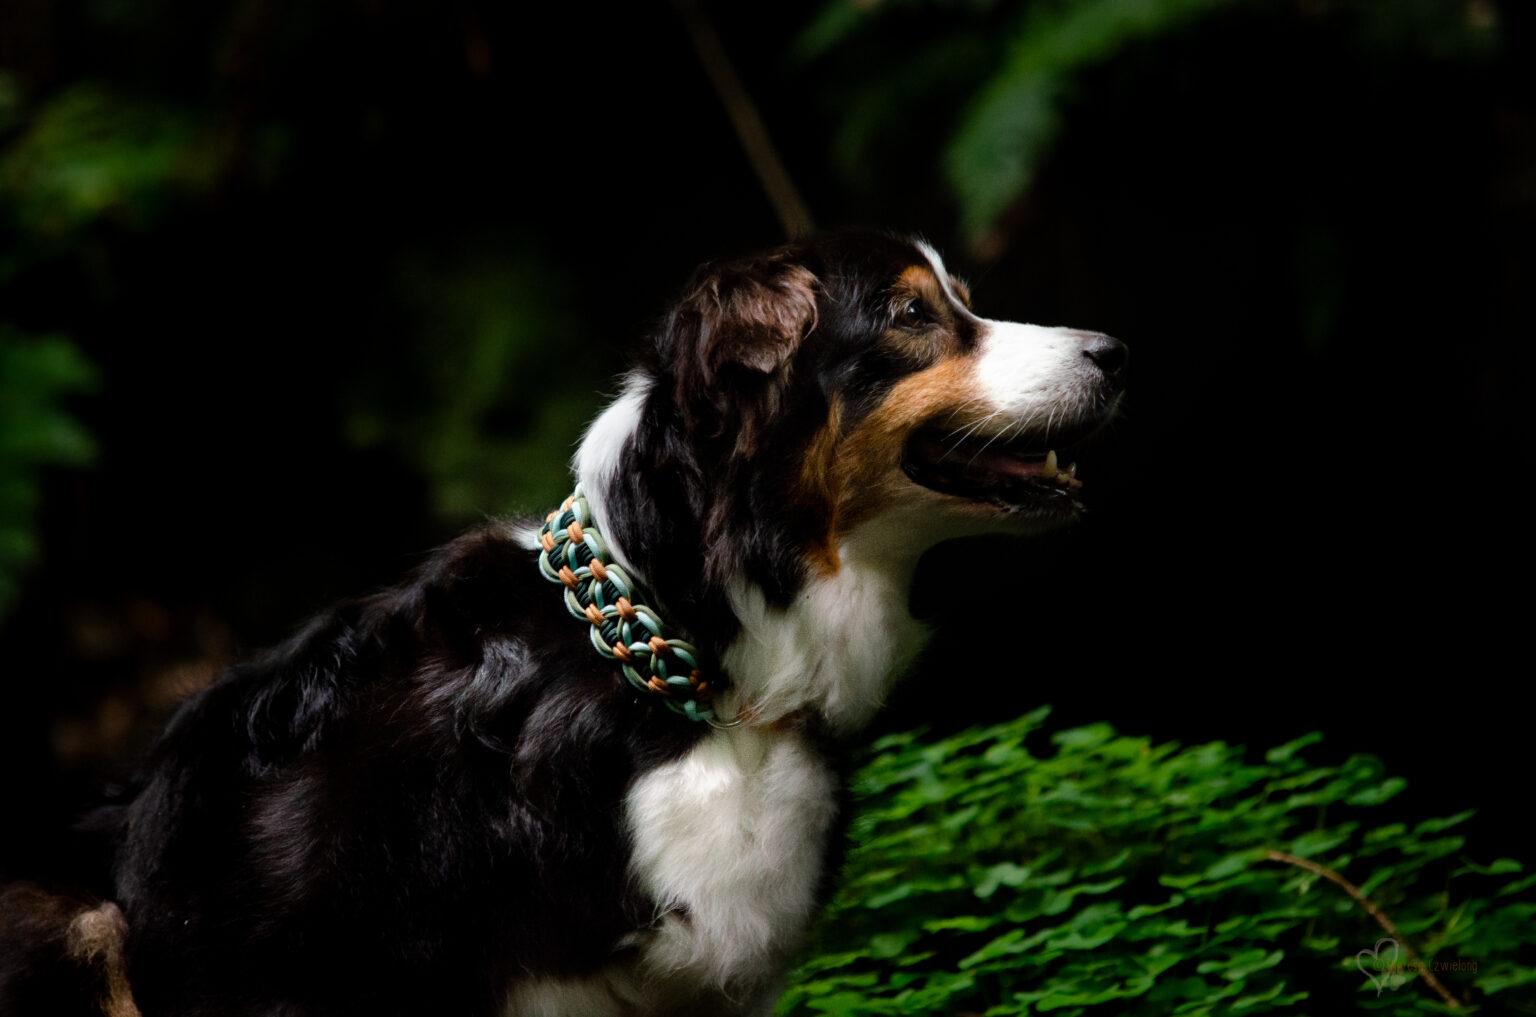 Ab einem gewissen Alter darf es ein leichtes, ganz weiches Halsband sein - für Jada  ist die Spielwiese perfekt.